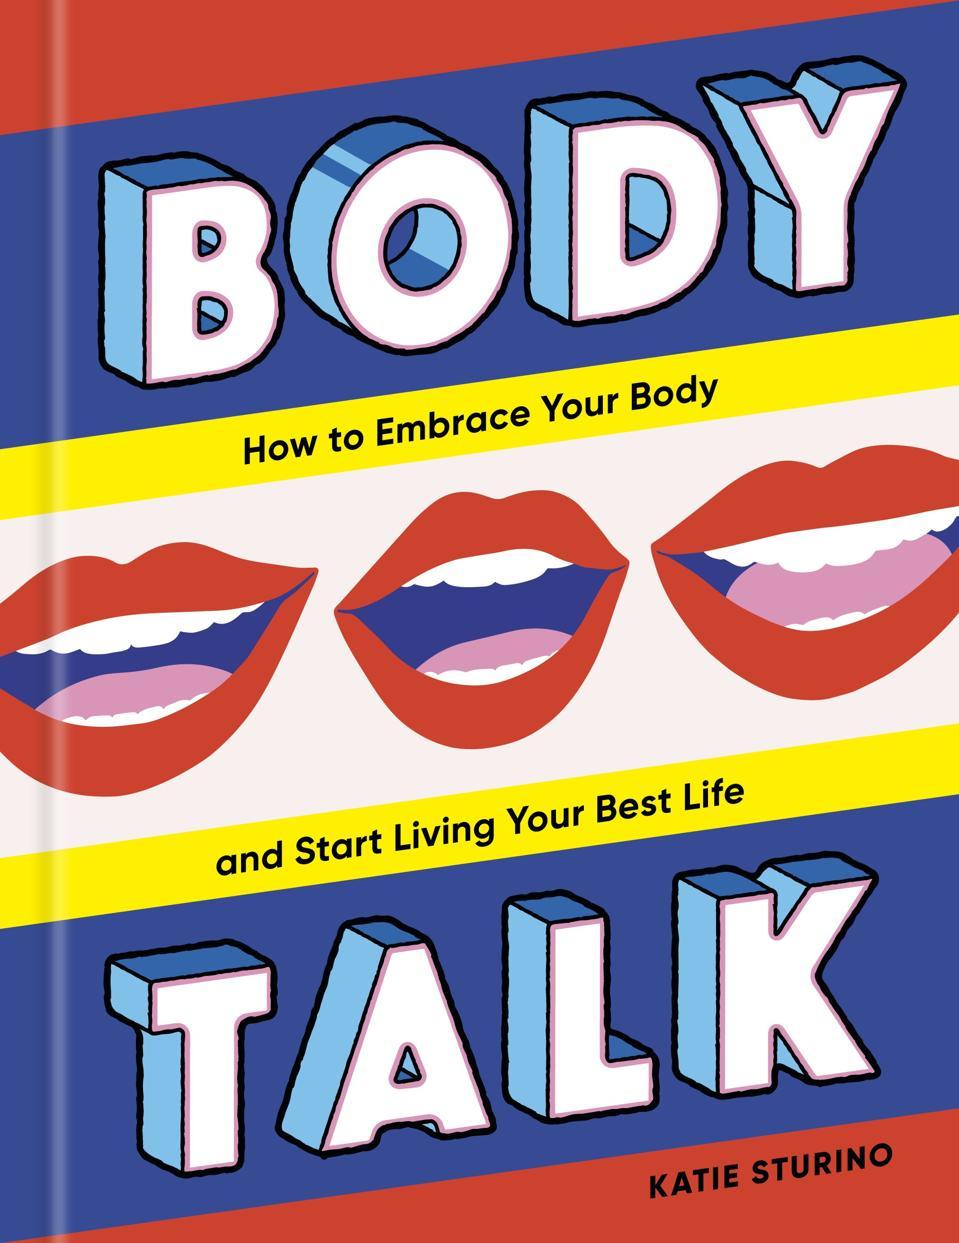 Body Talk book cover